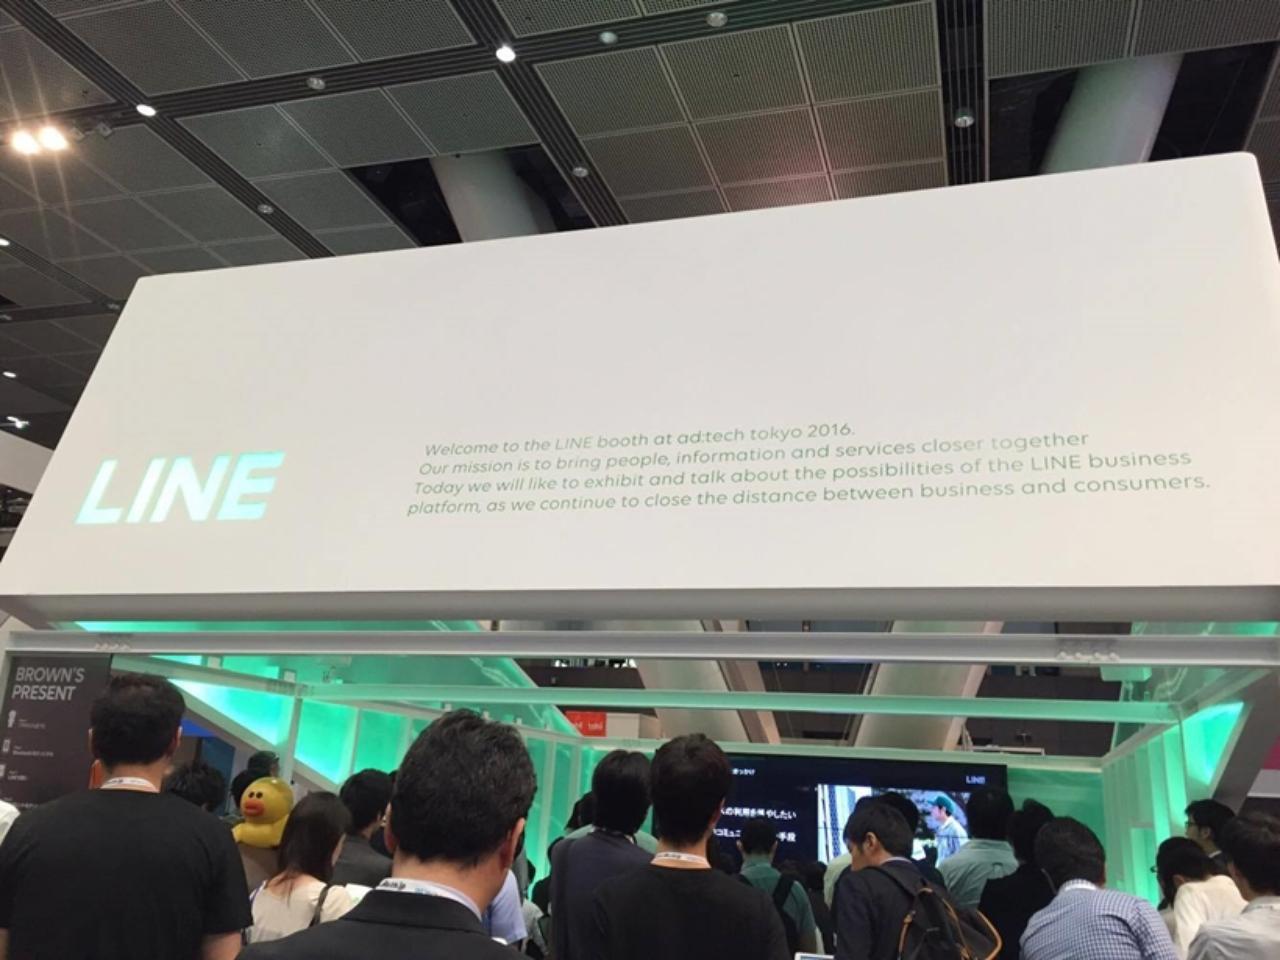 画像: LINE社のブース